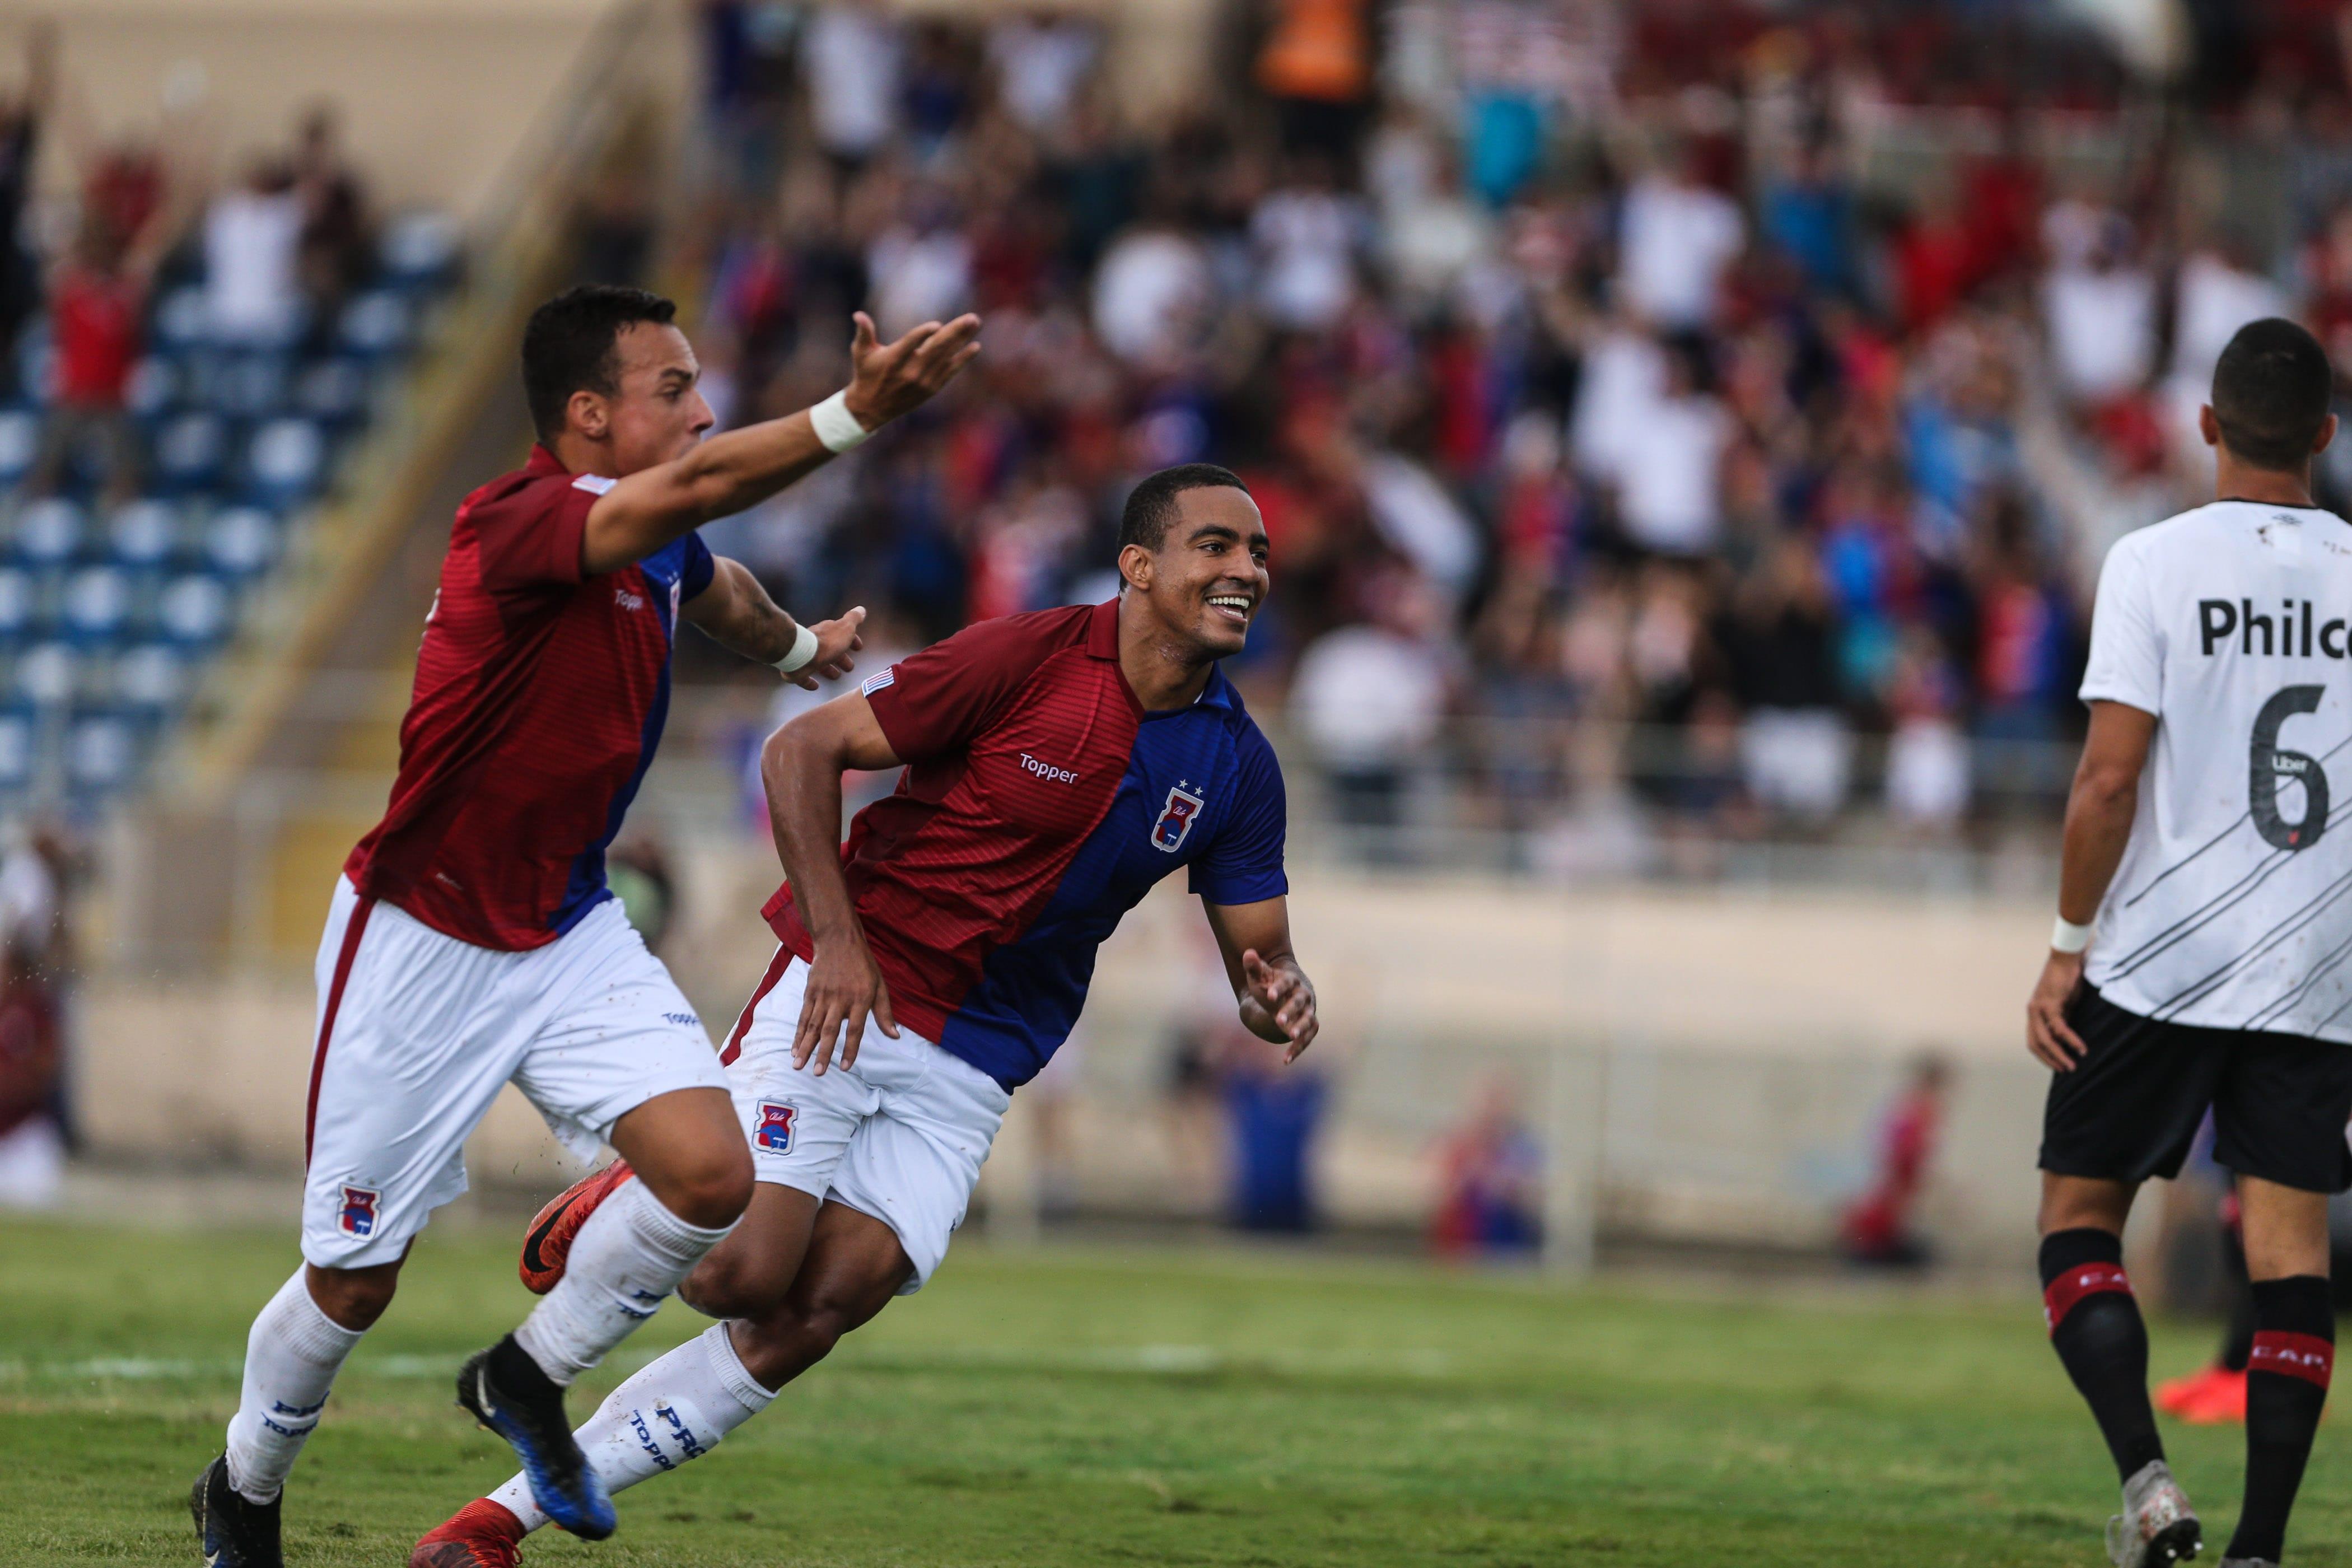 Jenison, artilheiro do Paraná, quer surpreender o brasil de pelotas